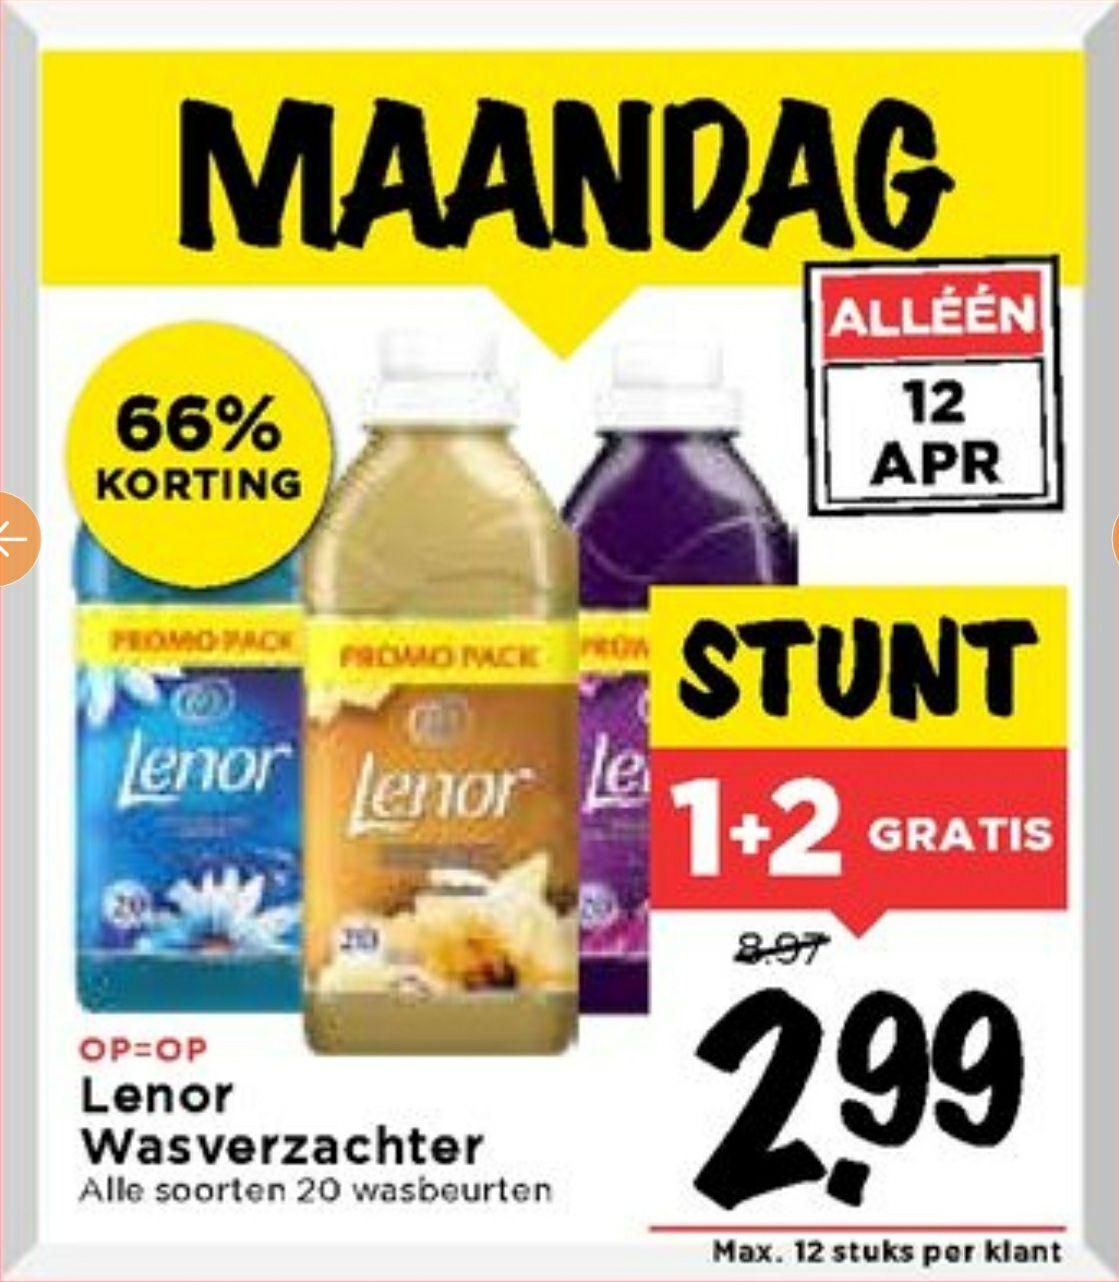 Lenor 1+2 gratis voor €3,- te Vomar